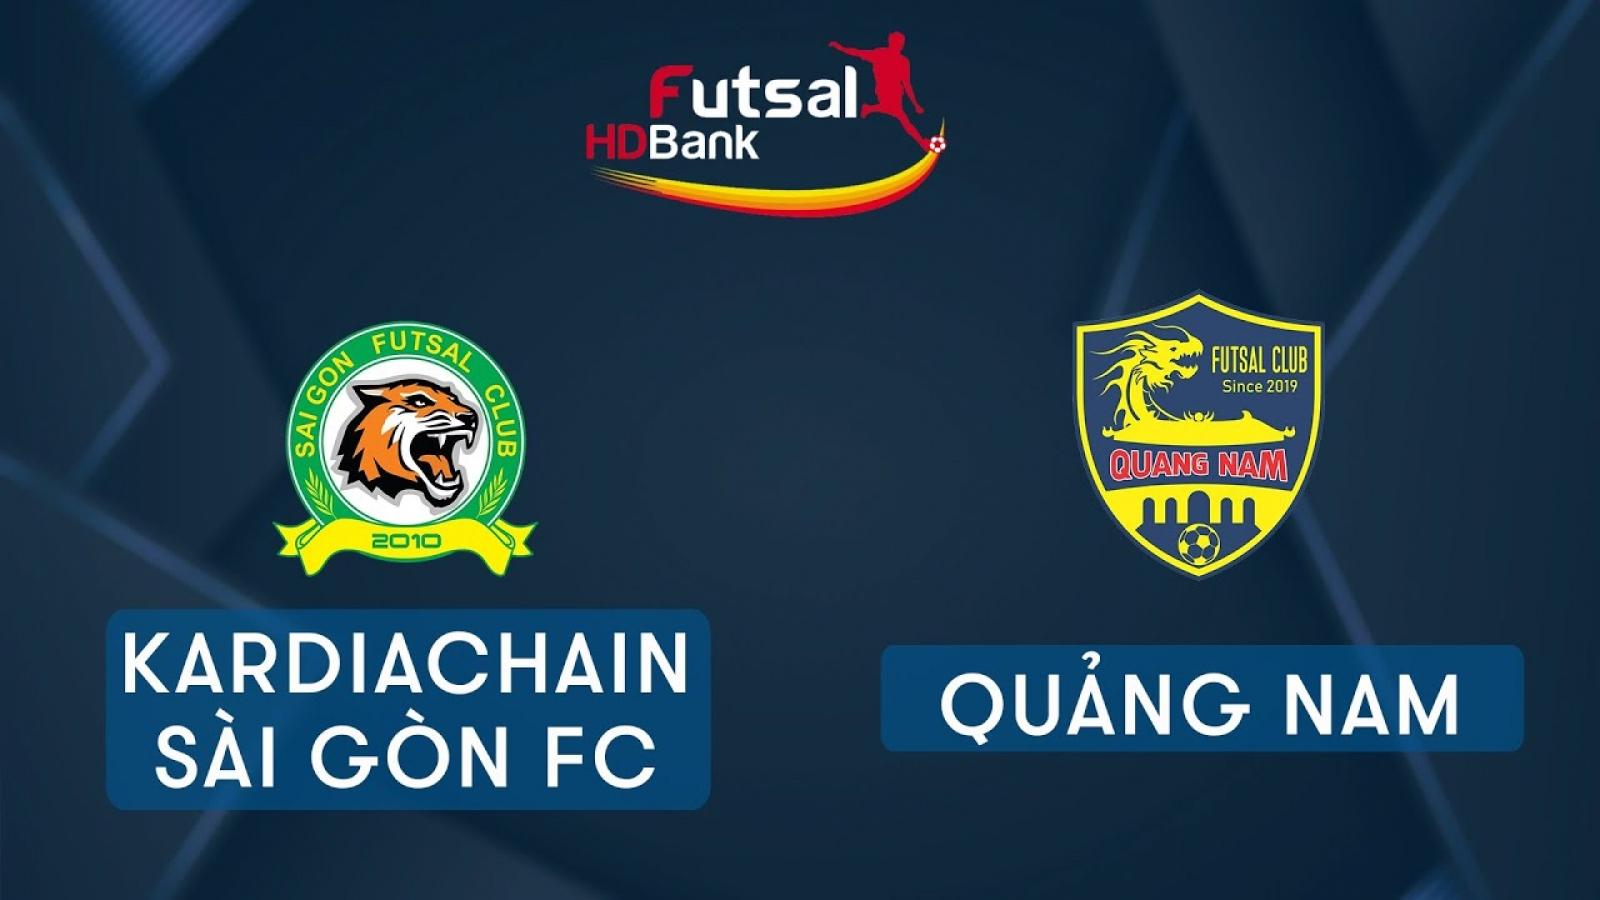 TRỰC TIẾP Kardiachain Sài Gòn vs Quảng Nam Giải futsal HDBank 2020